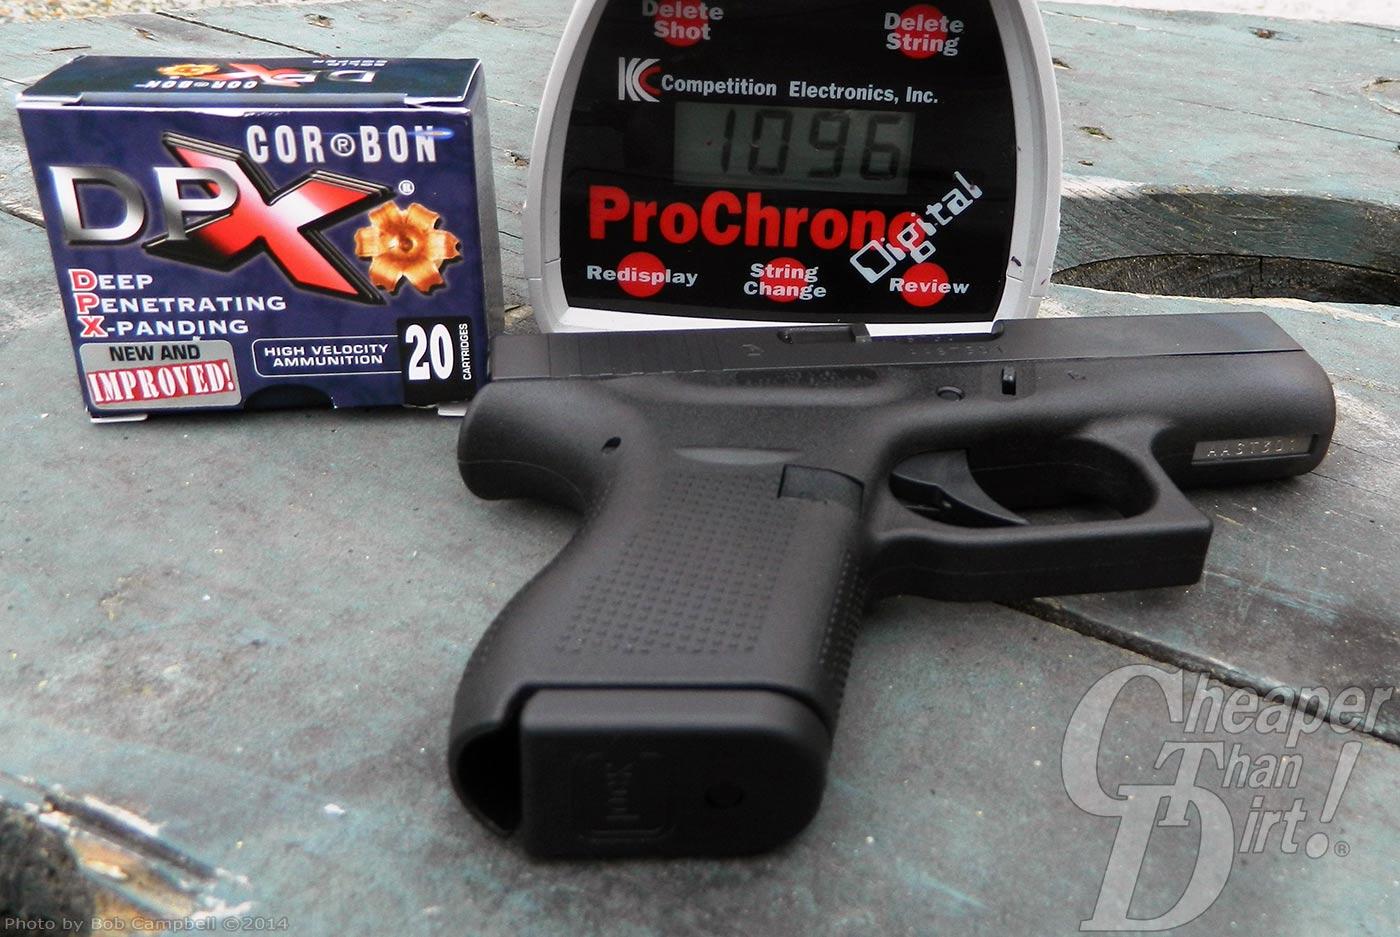 Glock G42: A Remarkable Handgun - The Shooter's Log